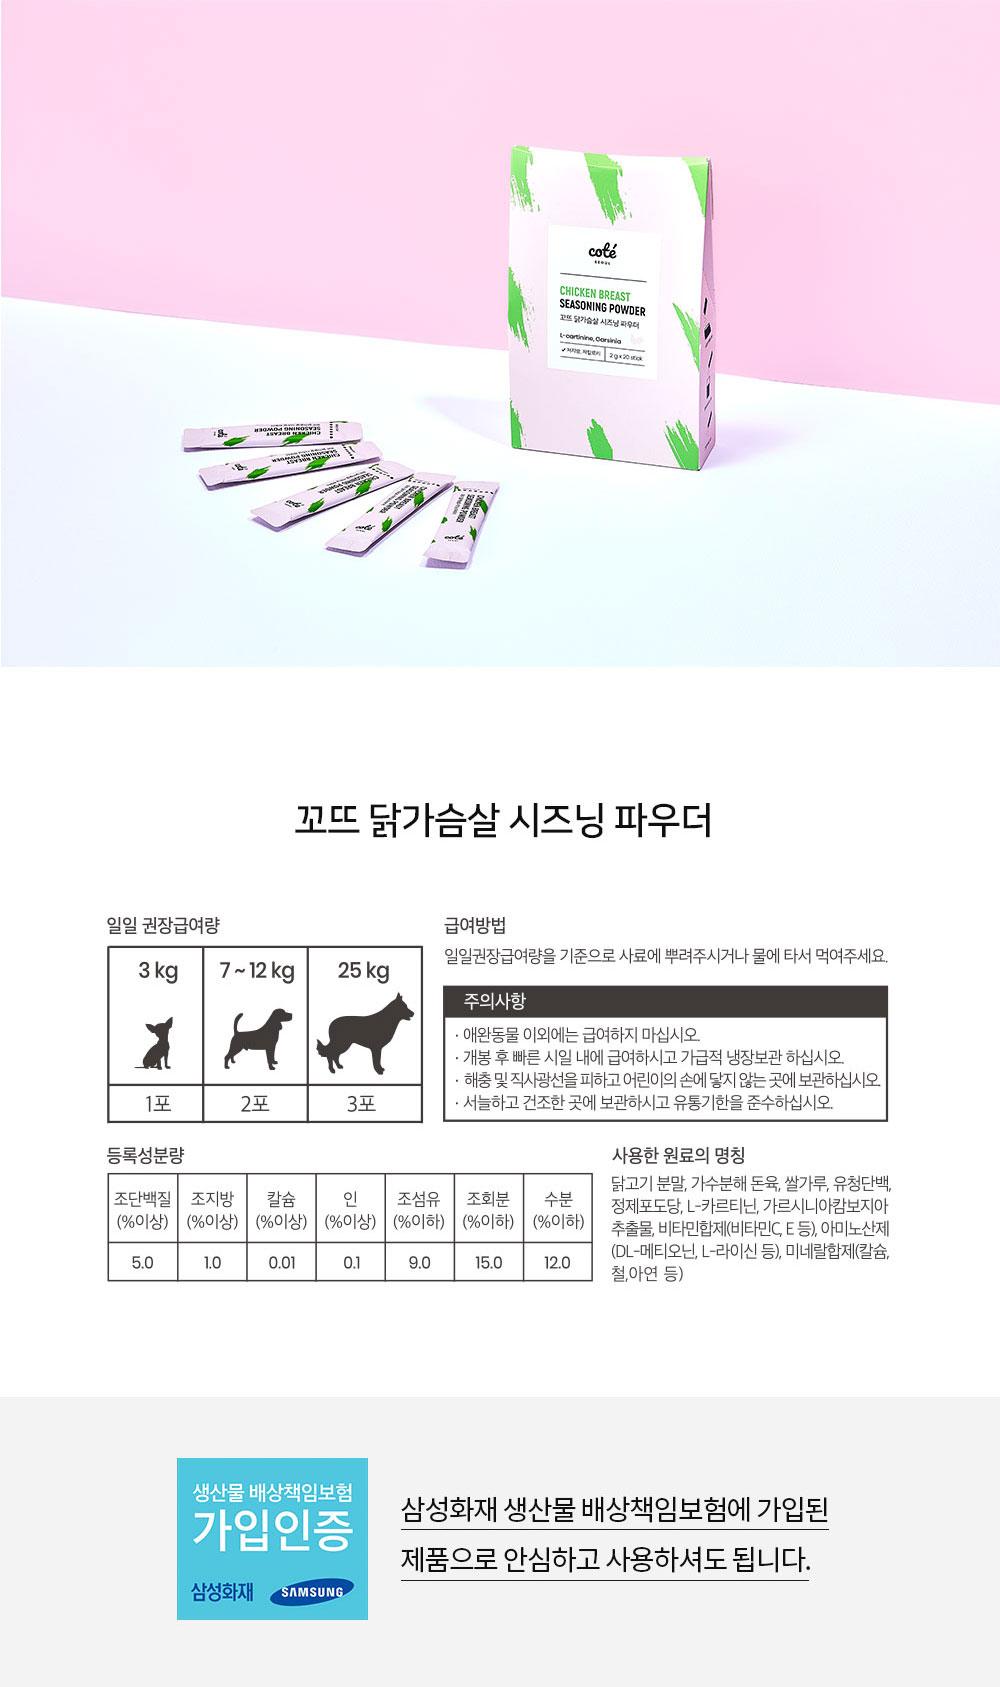 기능성 강아지 간식+ 파우더 모음전 - 꼬뜨, 4,900원, 간식/영양제, 건조간식